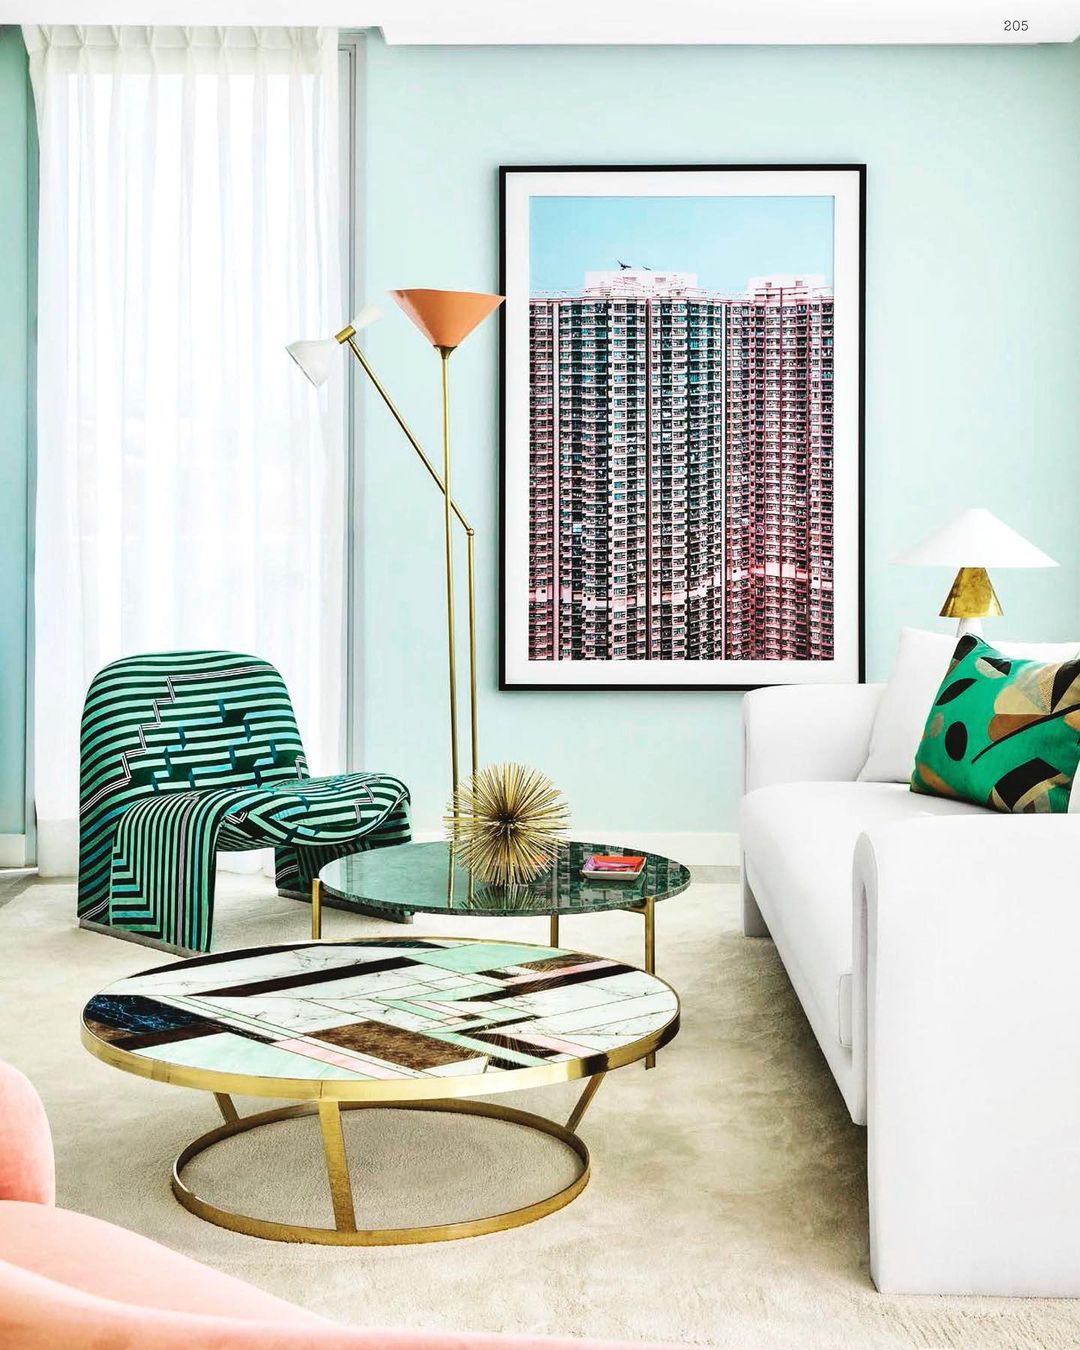 Diseño de Interiores: Una selección poderosa de proyectos en Madrid diseño de interiores Diseño de Interiores: Una selección poderosa de proyectos en Madrid 181017884 2922723234673396 454731438050314559 n